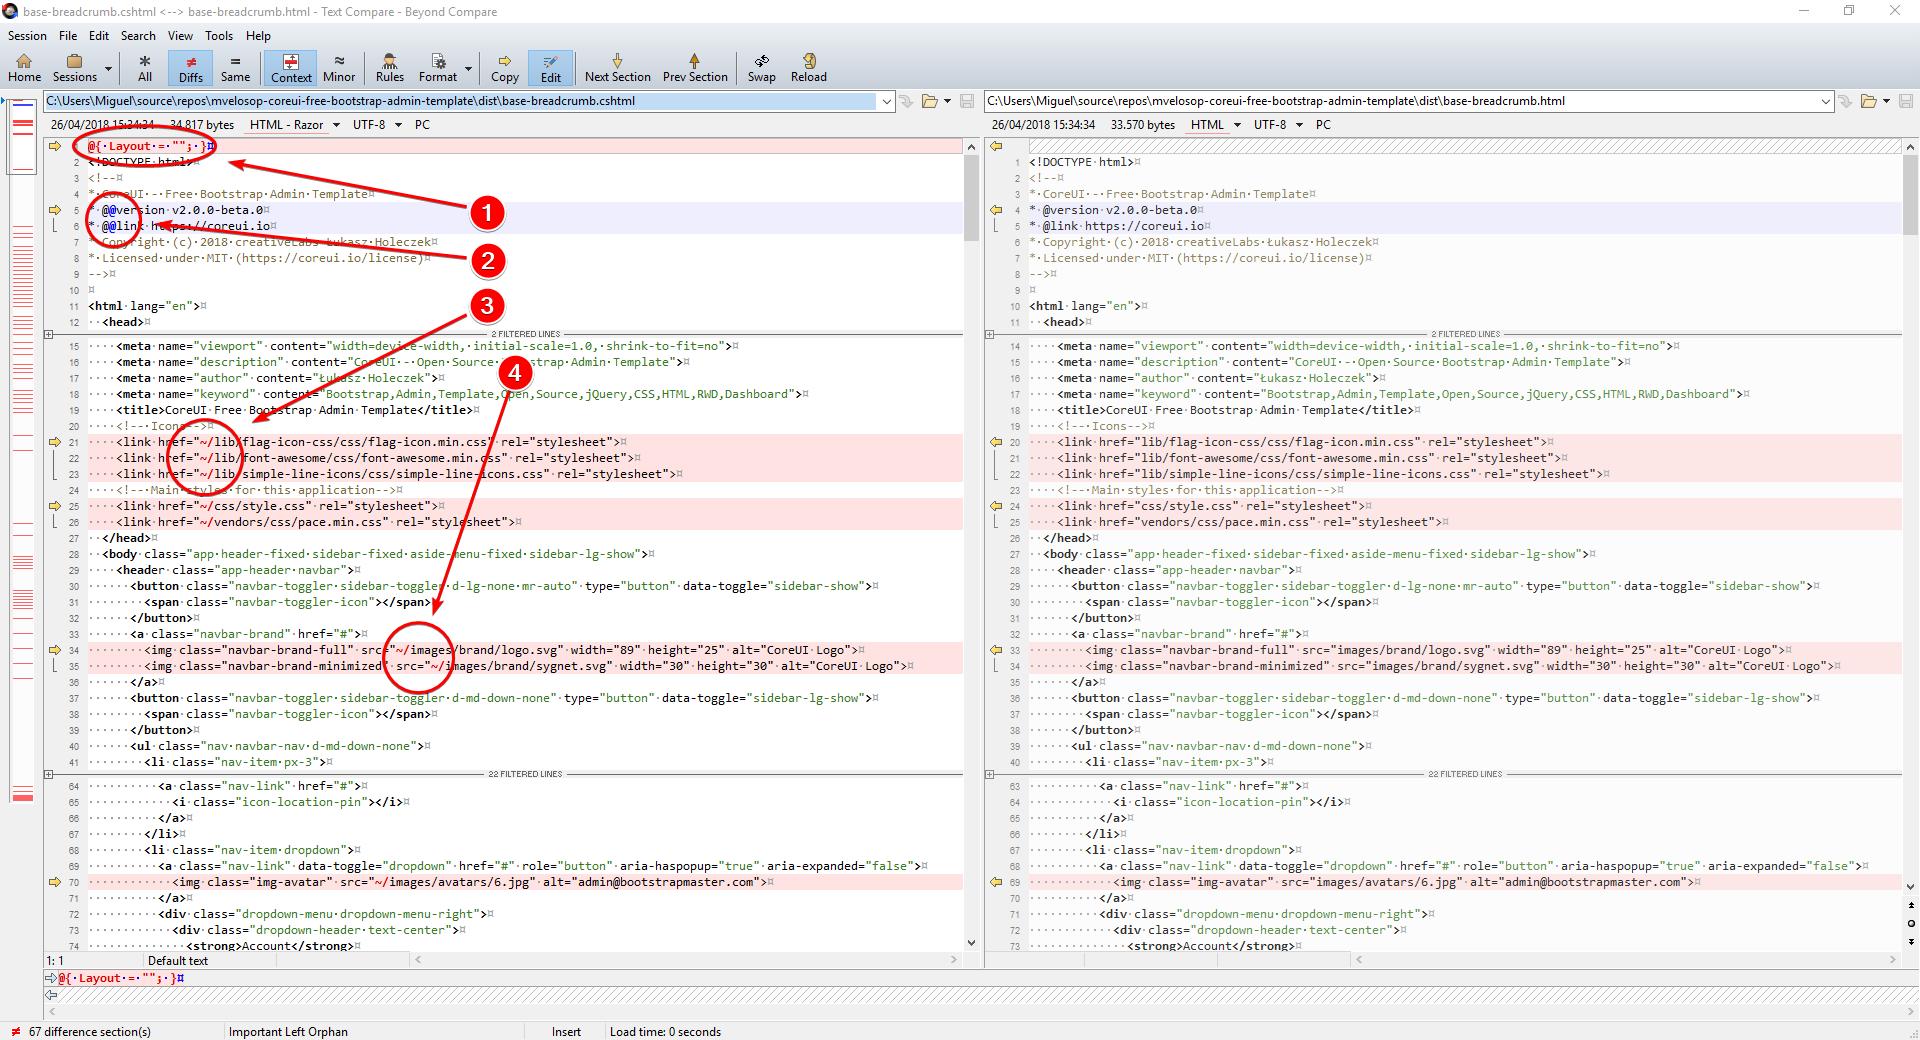 Construyendo aplicaciones elegantes con ASP.NET Core MVC 2.1 y CoreUI 2 (Bootstrap 4) /posts/images/BCompare_2018-04-26_15-53-10.png